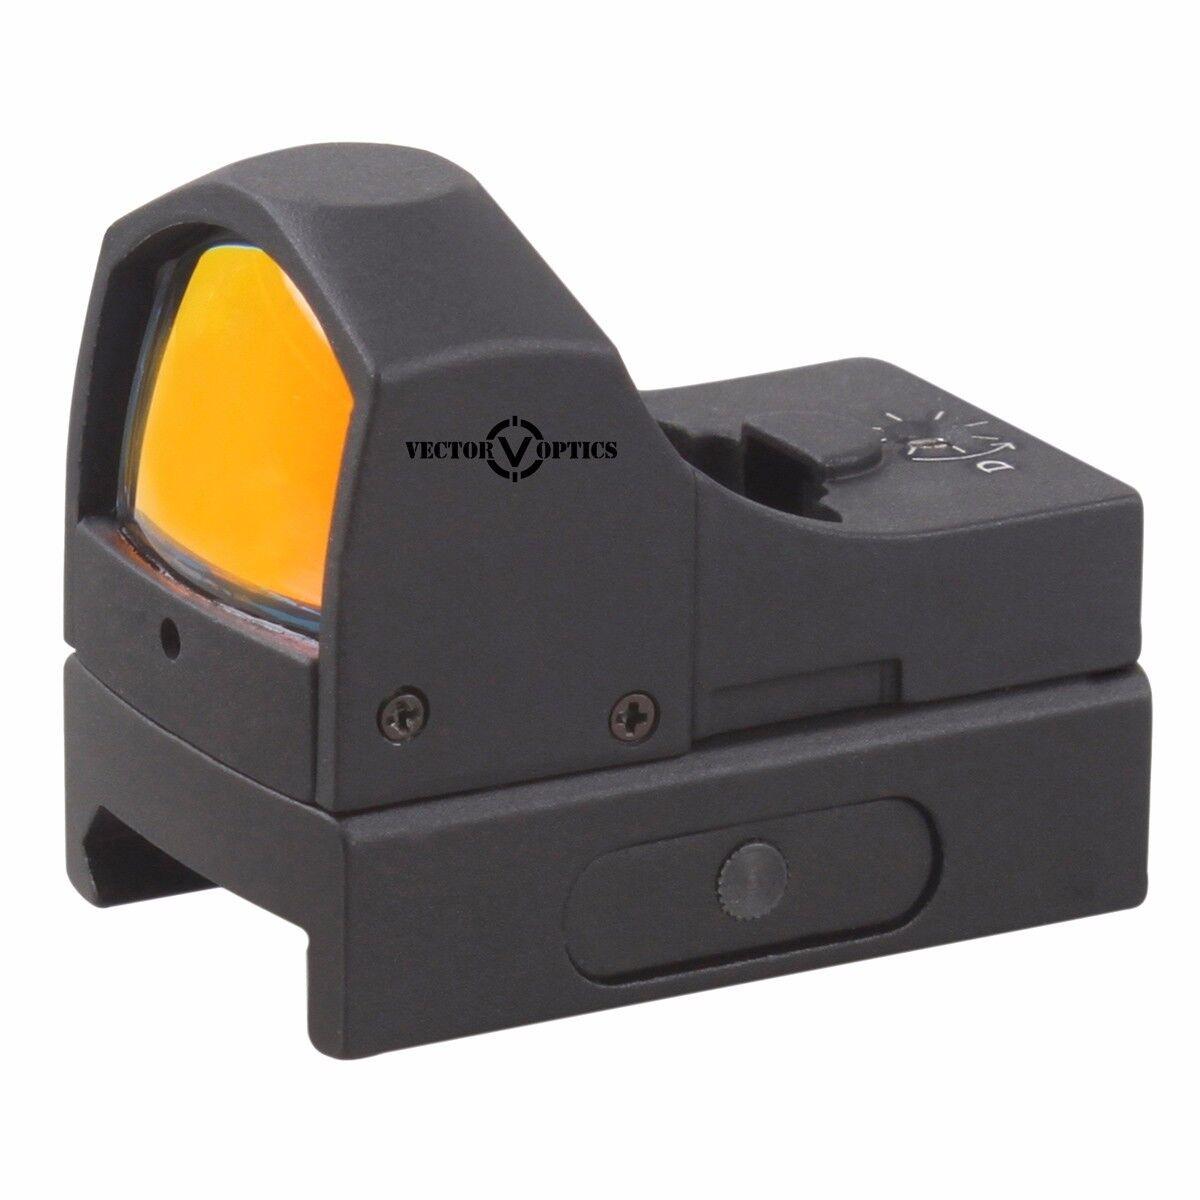 Esfinge 1x22 Mini Micro Reflex Rojo verde Iluminado 4 MOA punto de vista de alcance